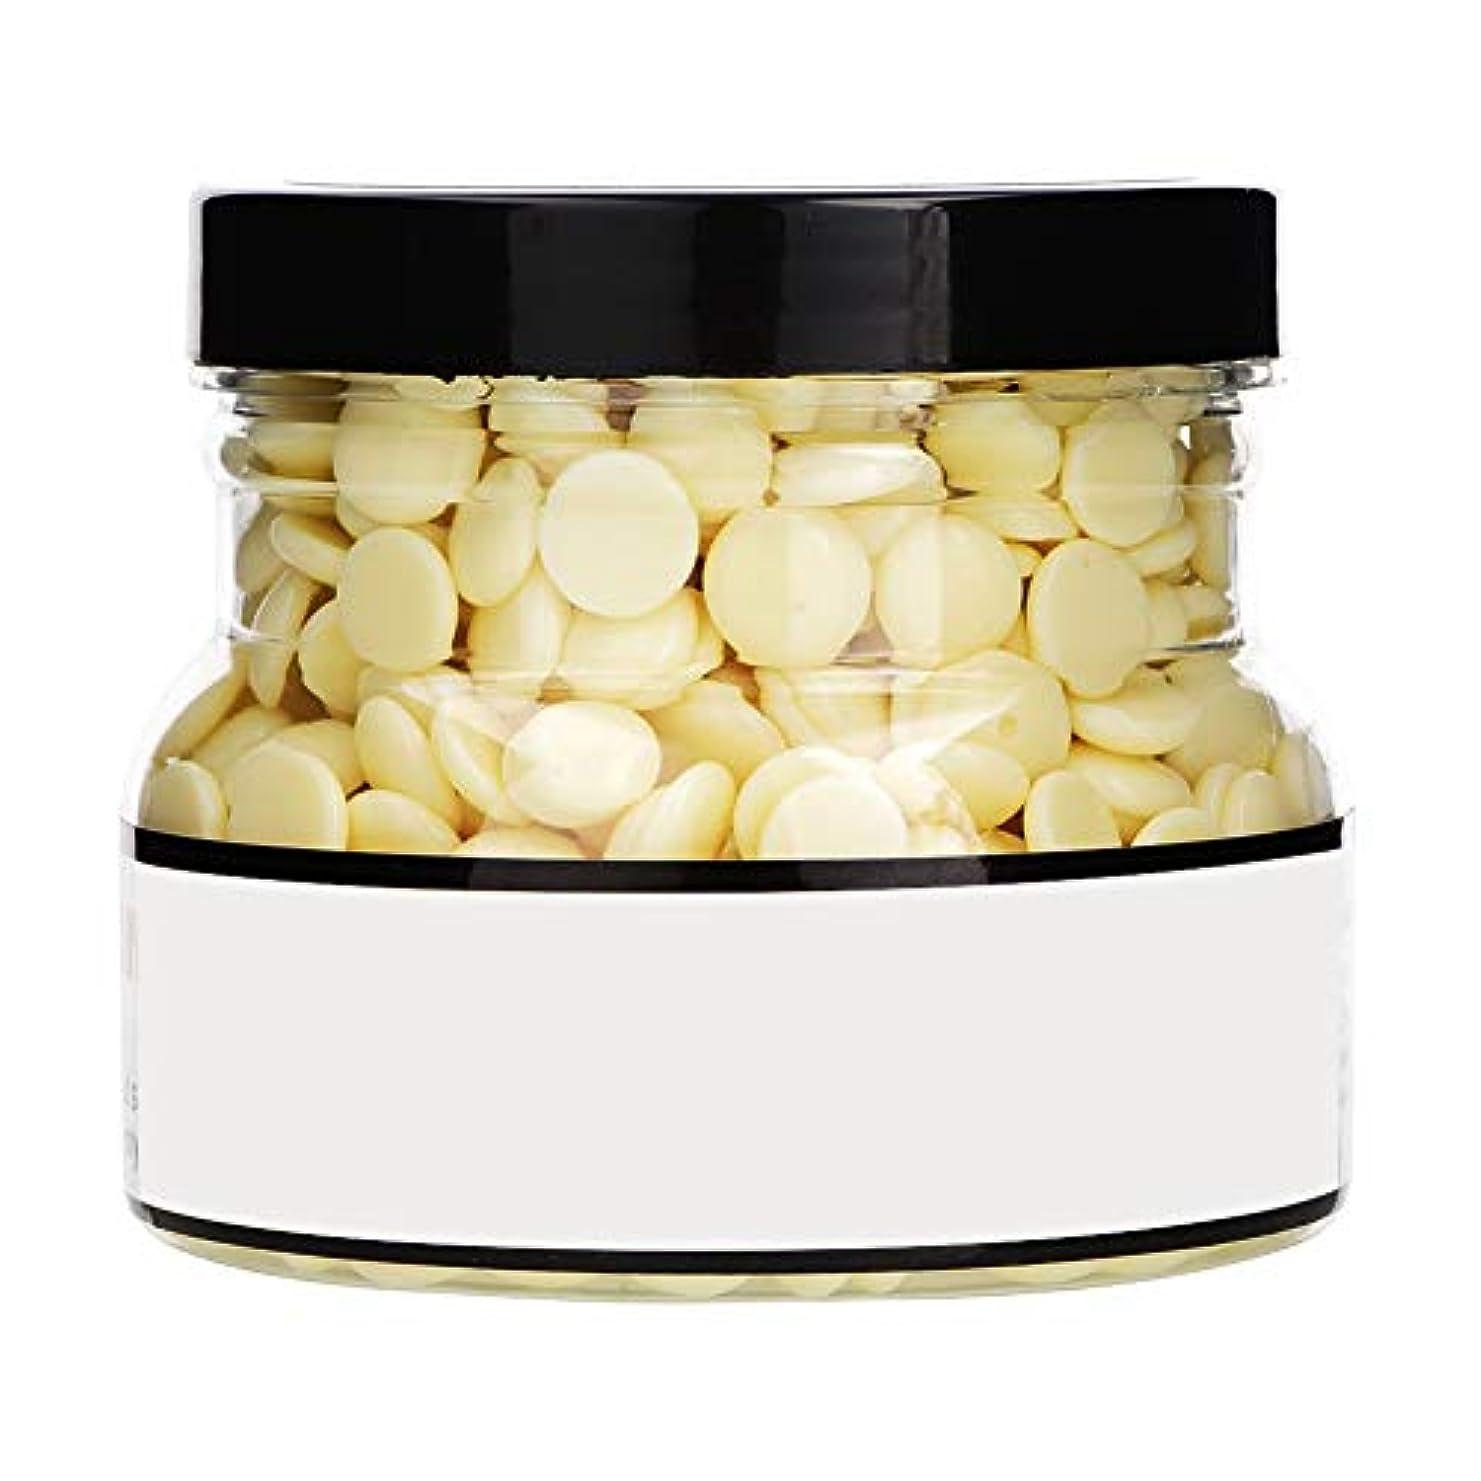 良さテラス明らかワックス豆、インゲン豆、ハードボディ脱毛脱毛ワックス脱毛ワックスボックス固体淡黄色1PCスタイルの250グラム-01